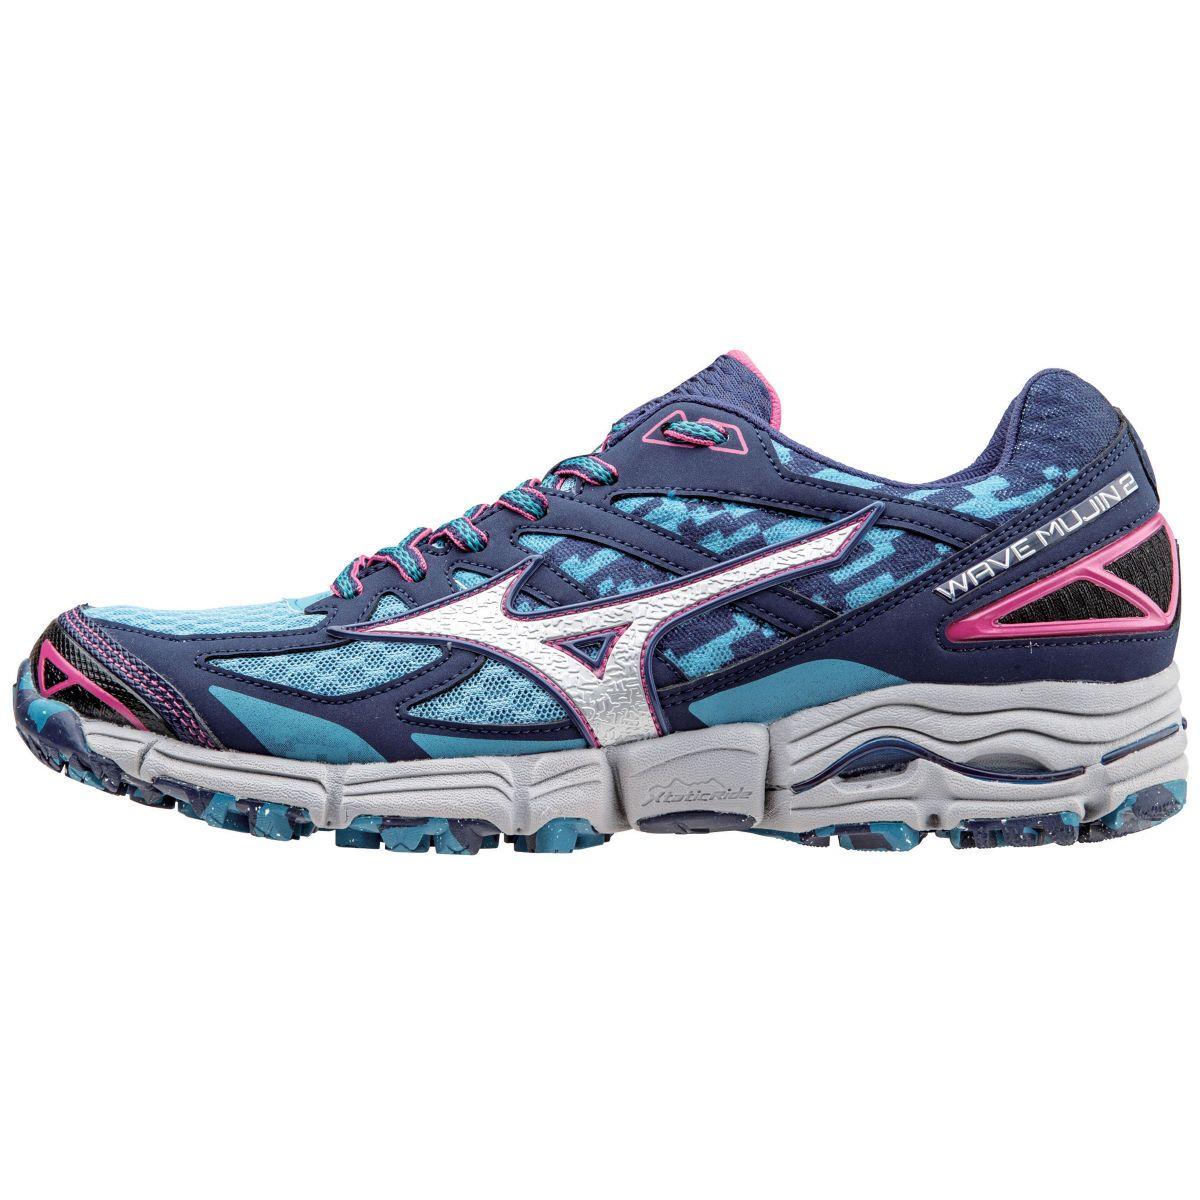 0c576a718bd2bd Mizuno Women s Wave Mujin 2 Shoes (AW15) Offroad Running Shoes ...